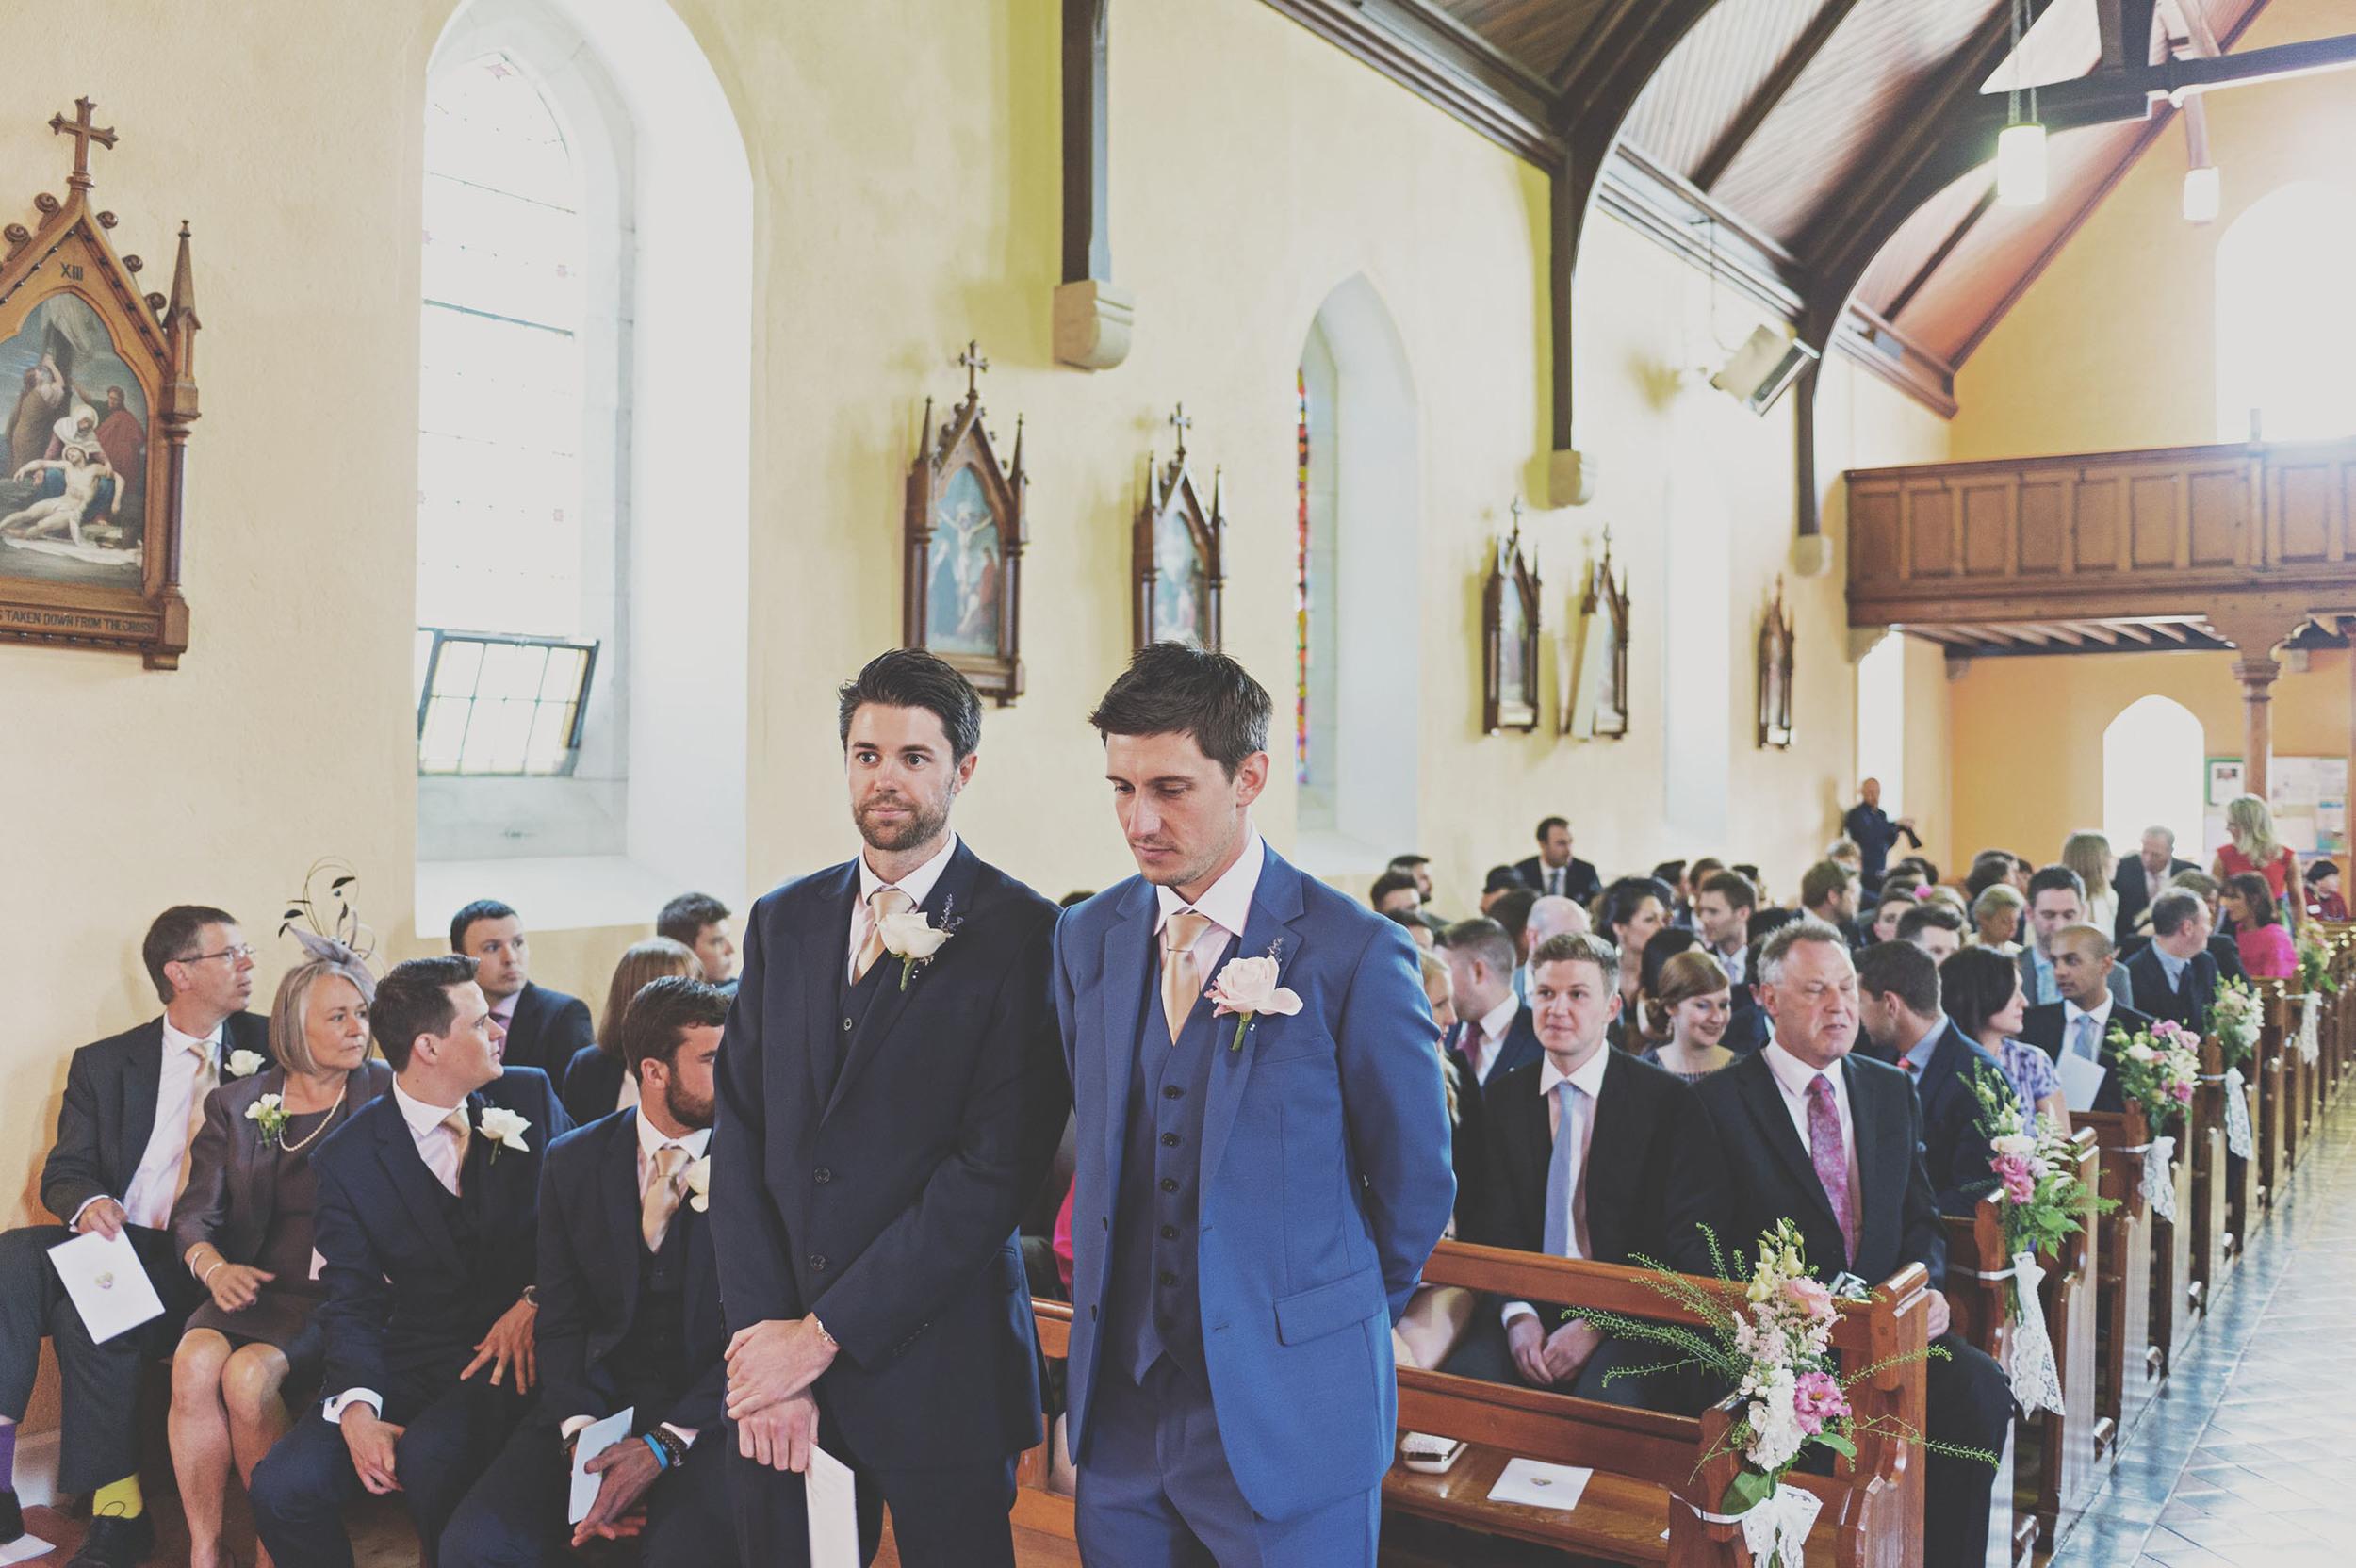 Julie & Matt's Seafield Wedding by Studio33weddings 033.jpg